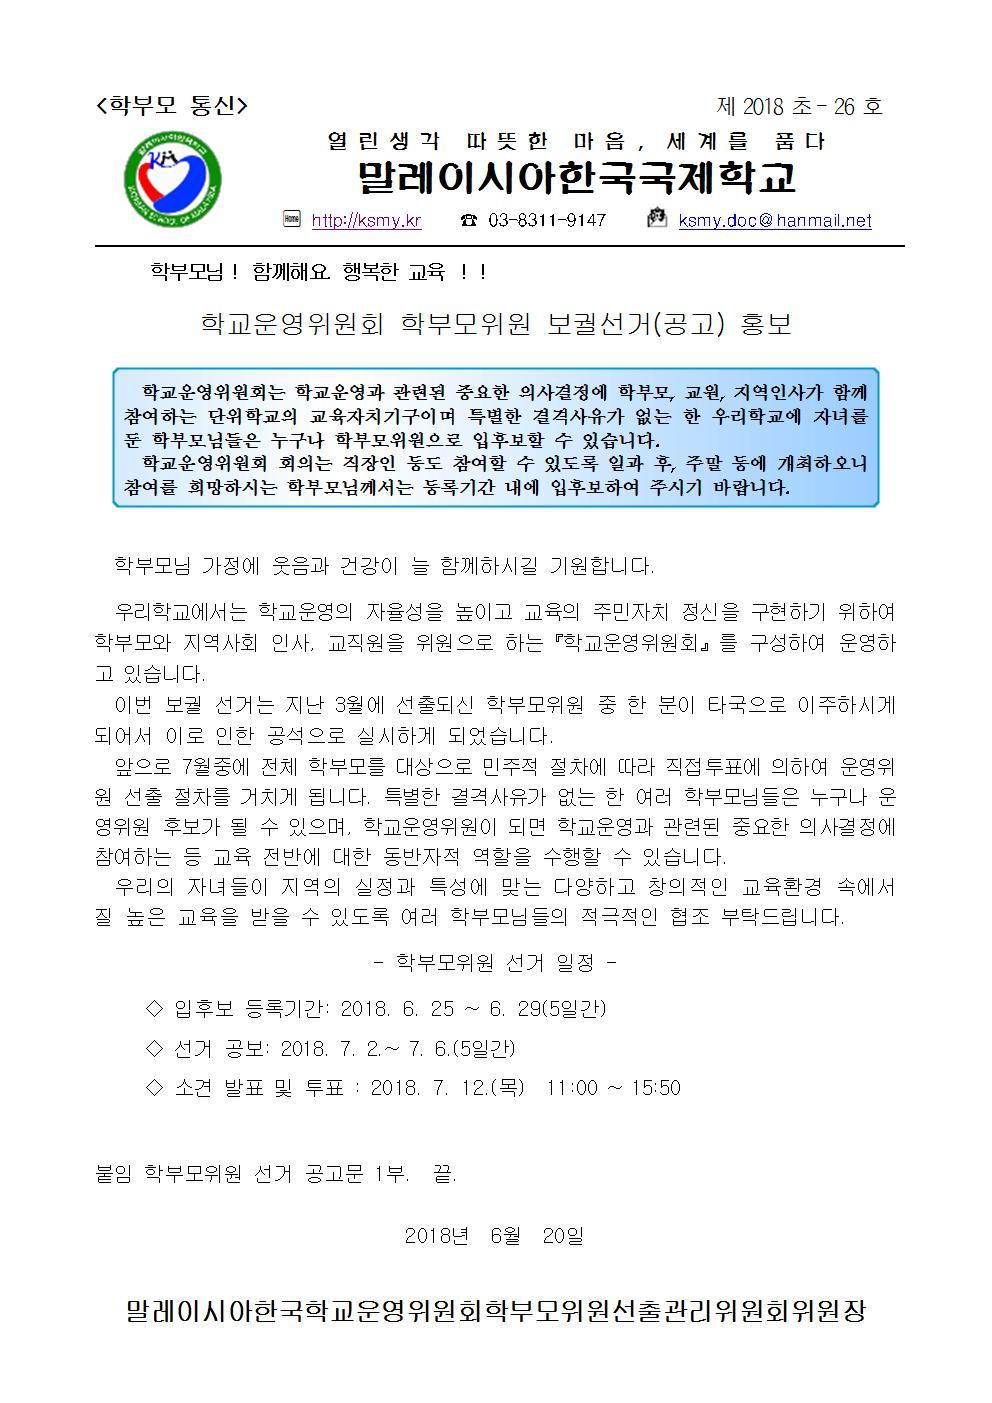 (가초-2018-26호)학교운영위원회보궐선거홍보001.jpg